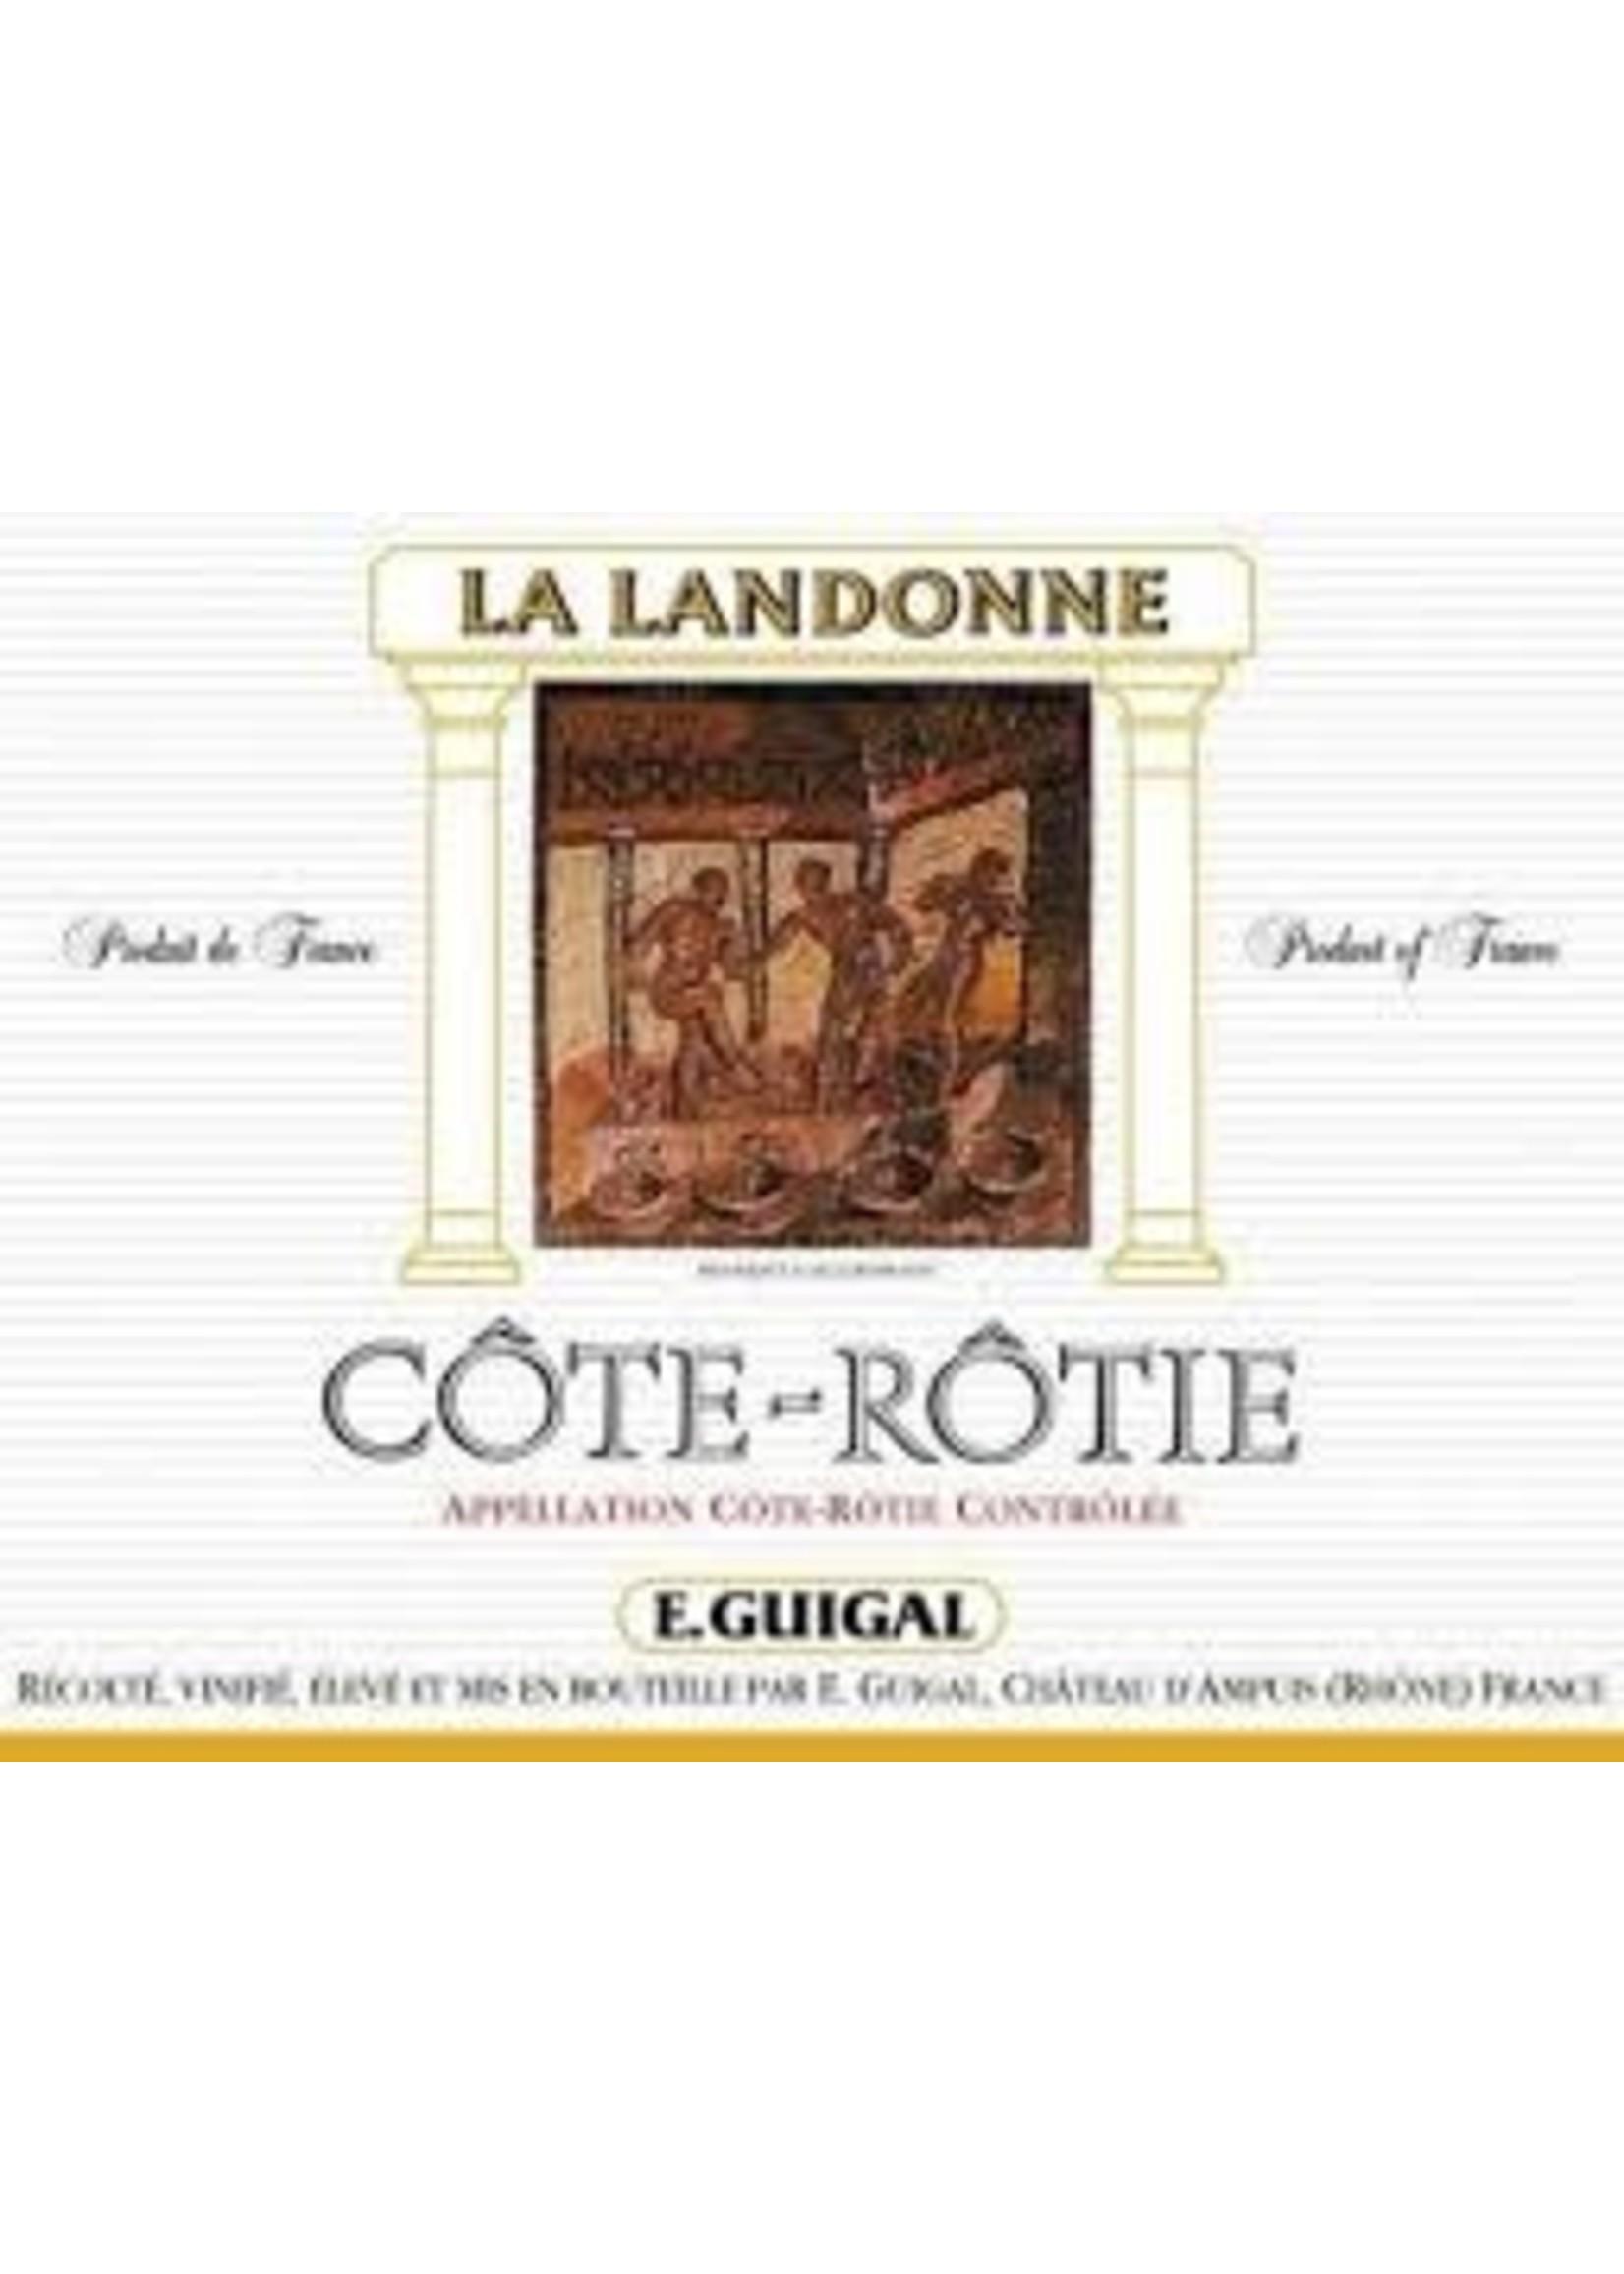 E. Guigal 1999 Cote Rotie La Landonne 750ml [PRE-ARRIVAL]